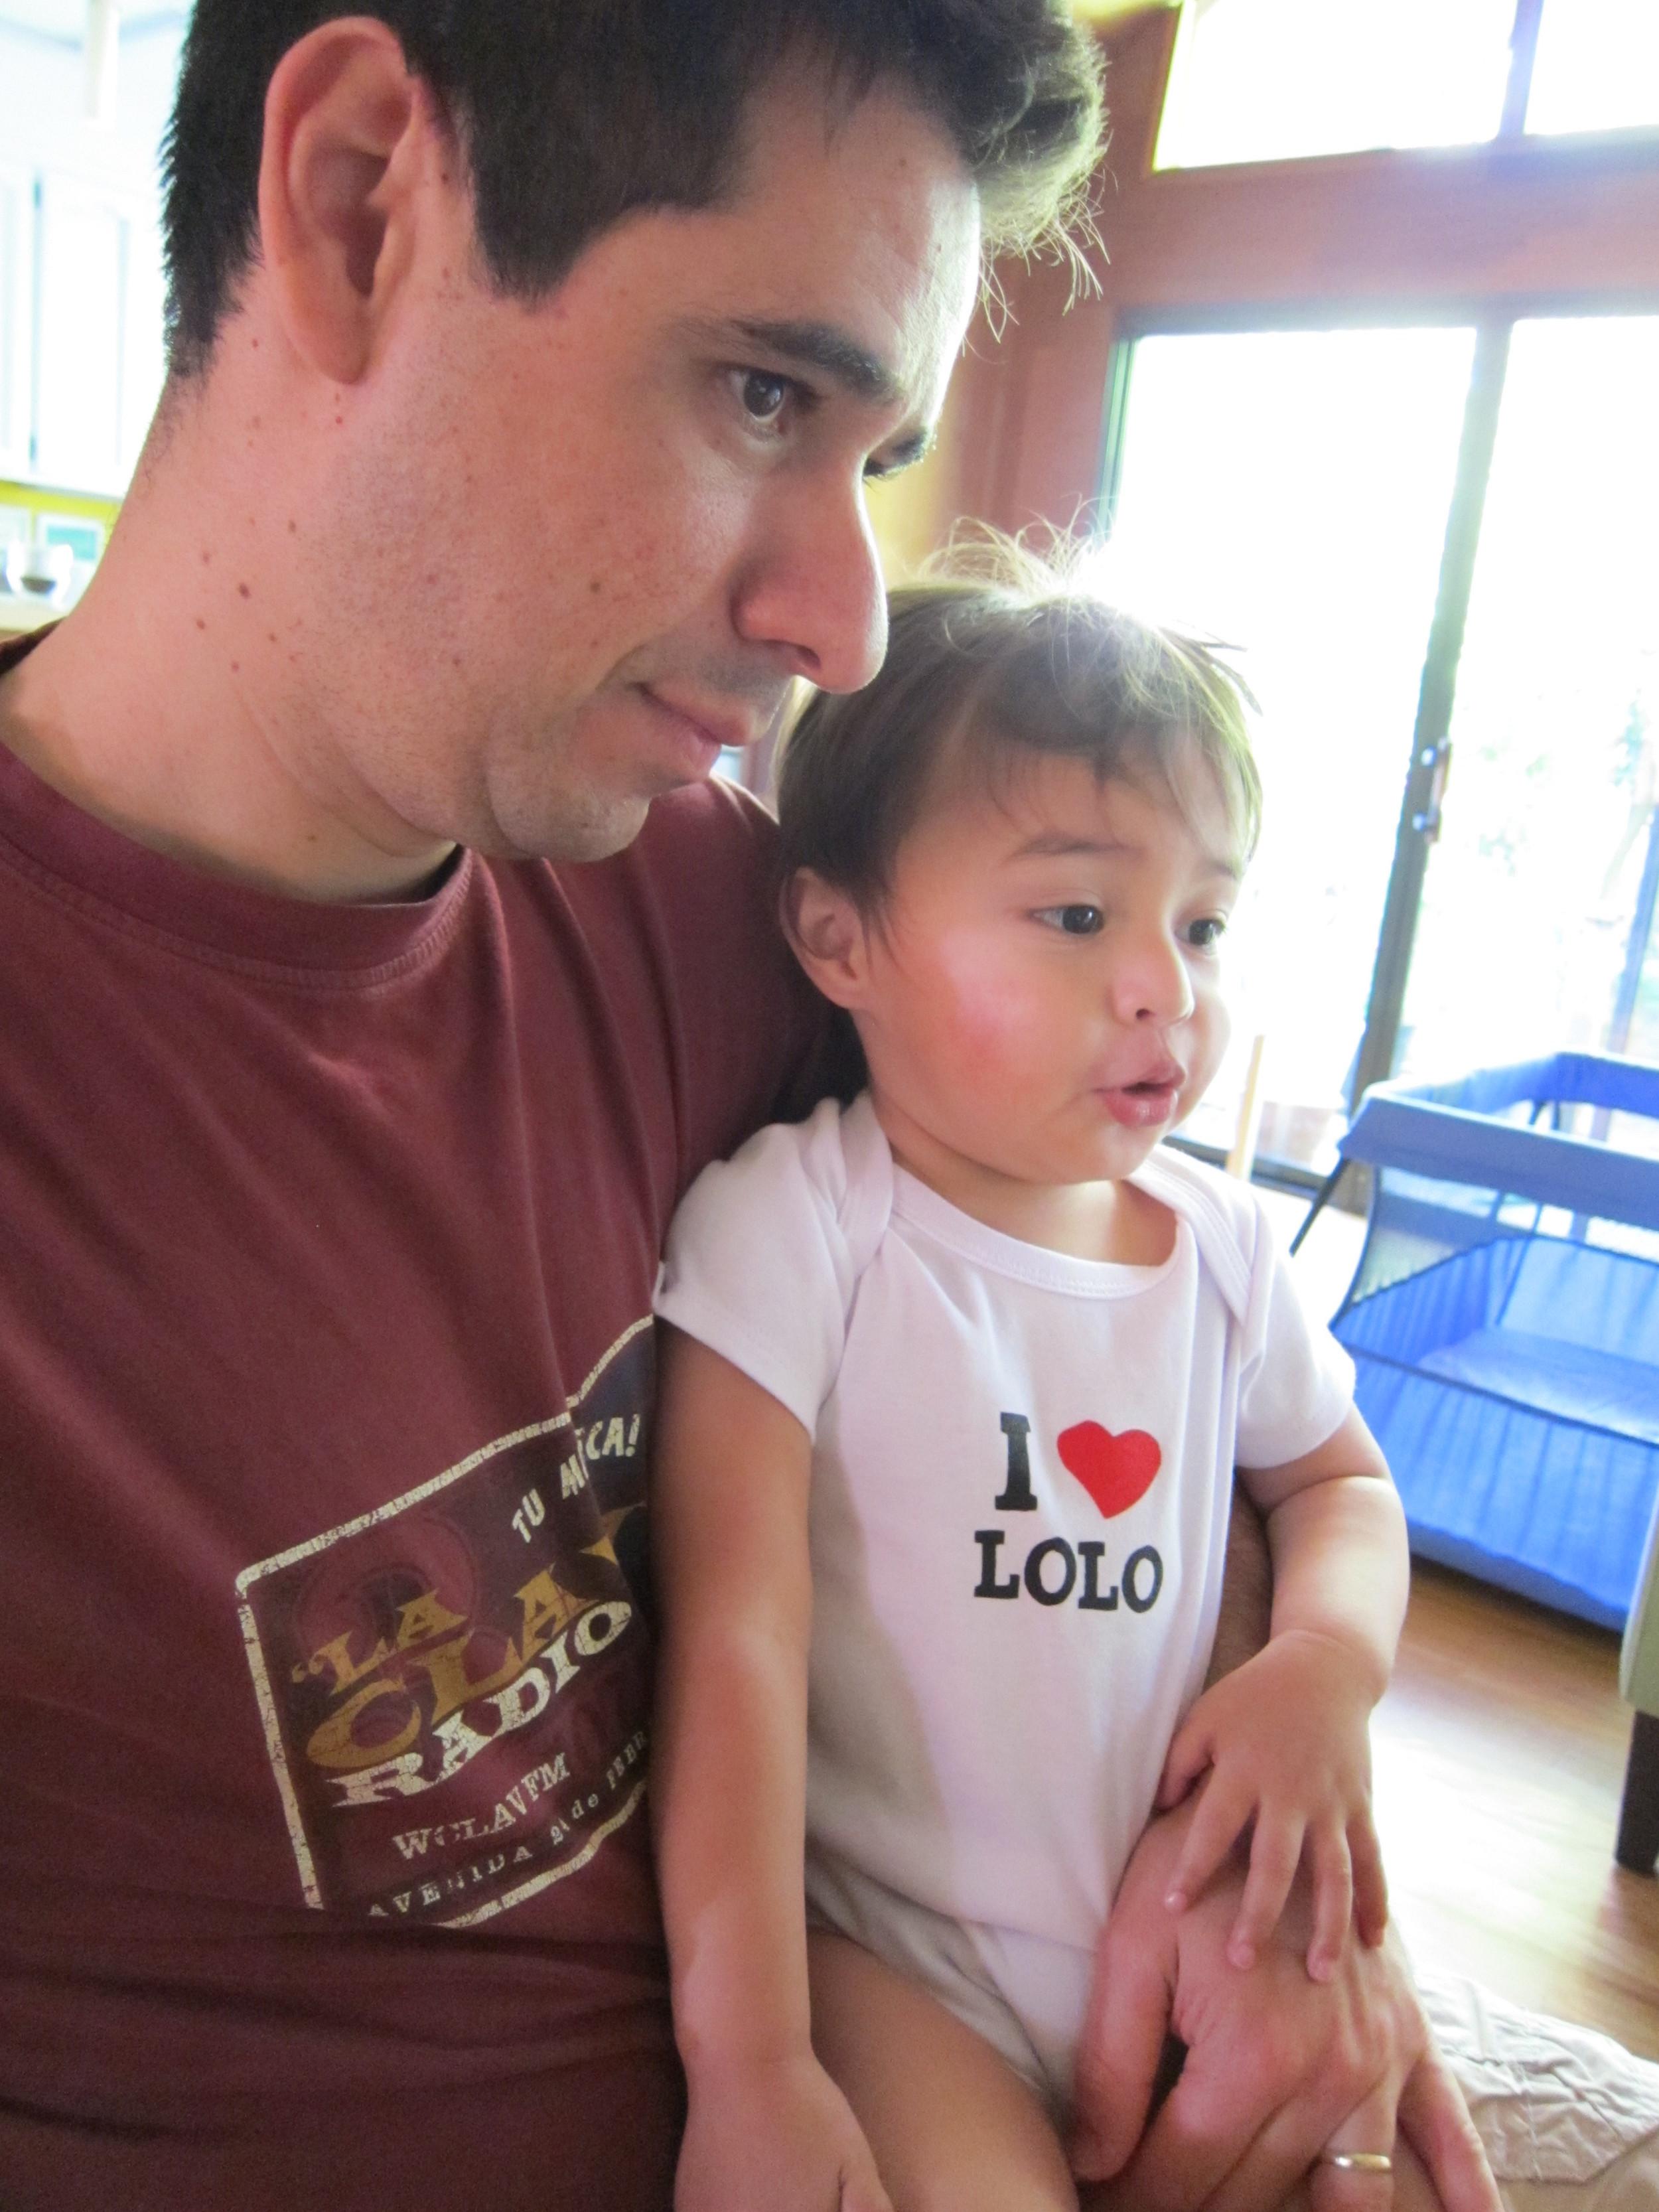 Elian loves Lolo